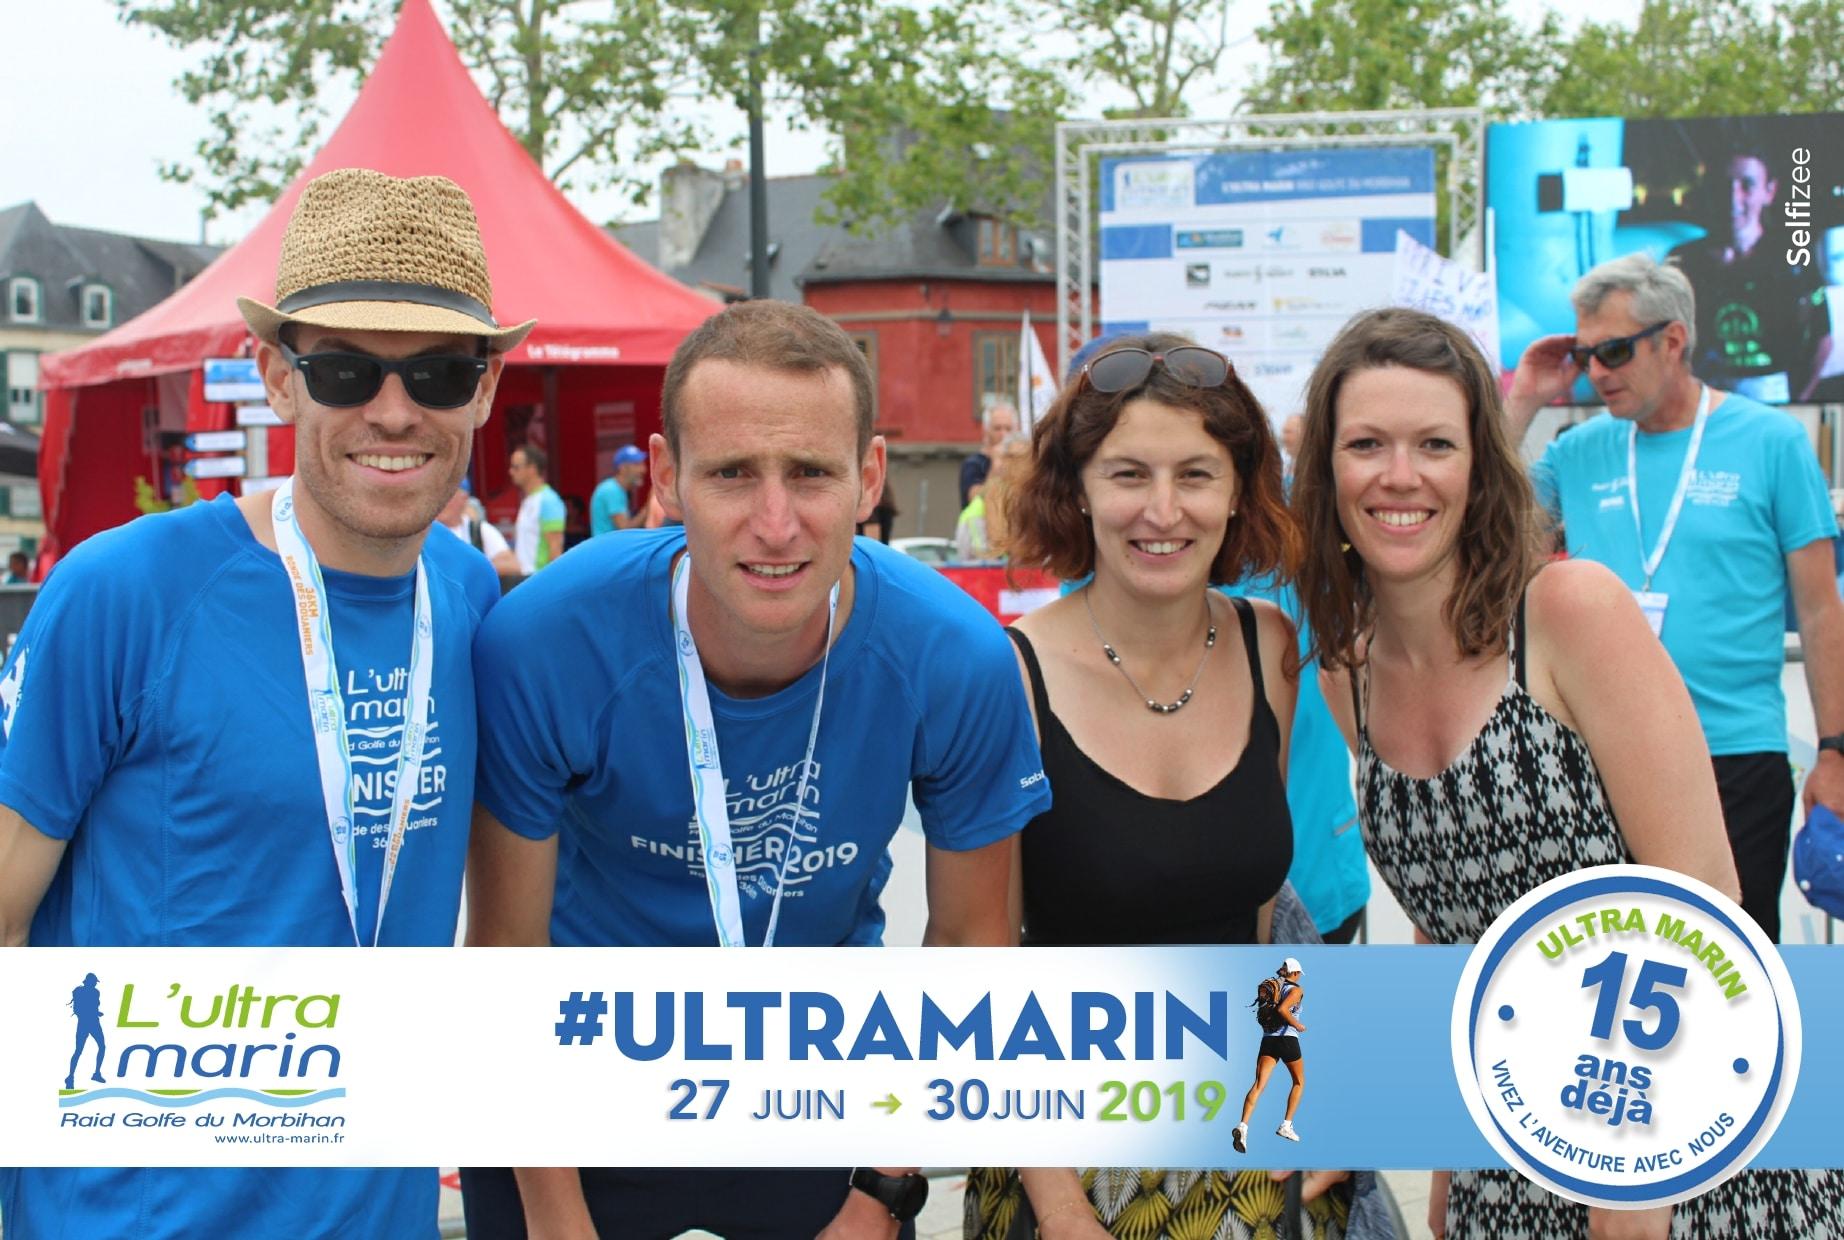 Borne selfie pour animation photo personnalisée à l'Ultra Marin Raid Golfe du Morbihan pour les participants et visiteurs